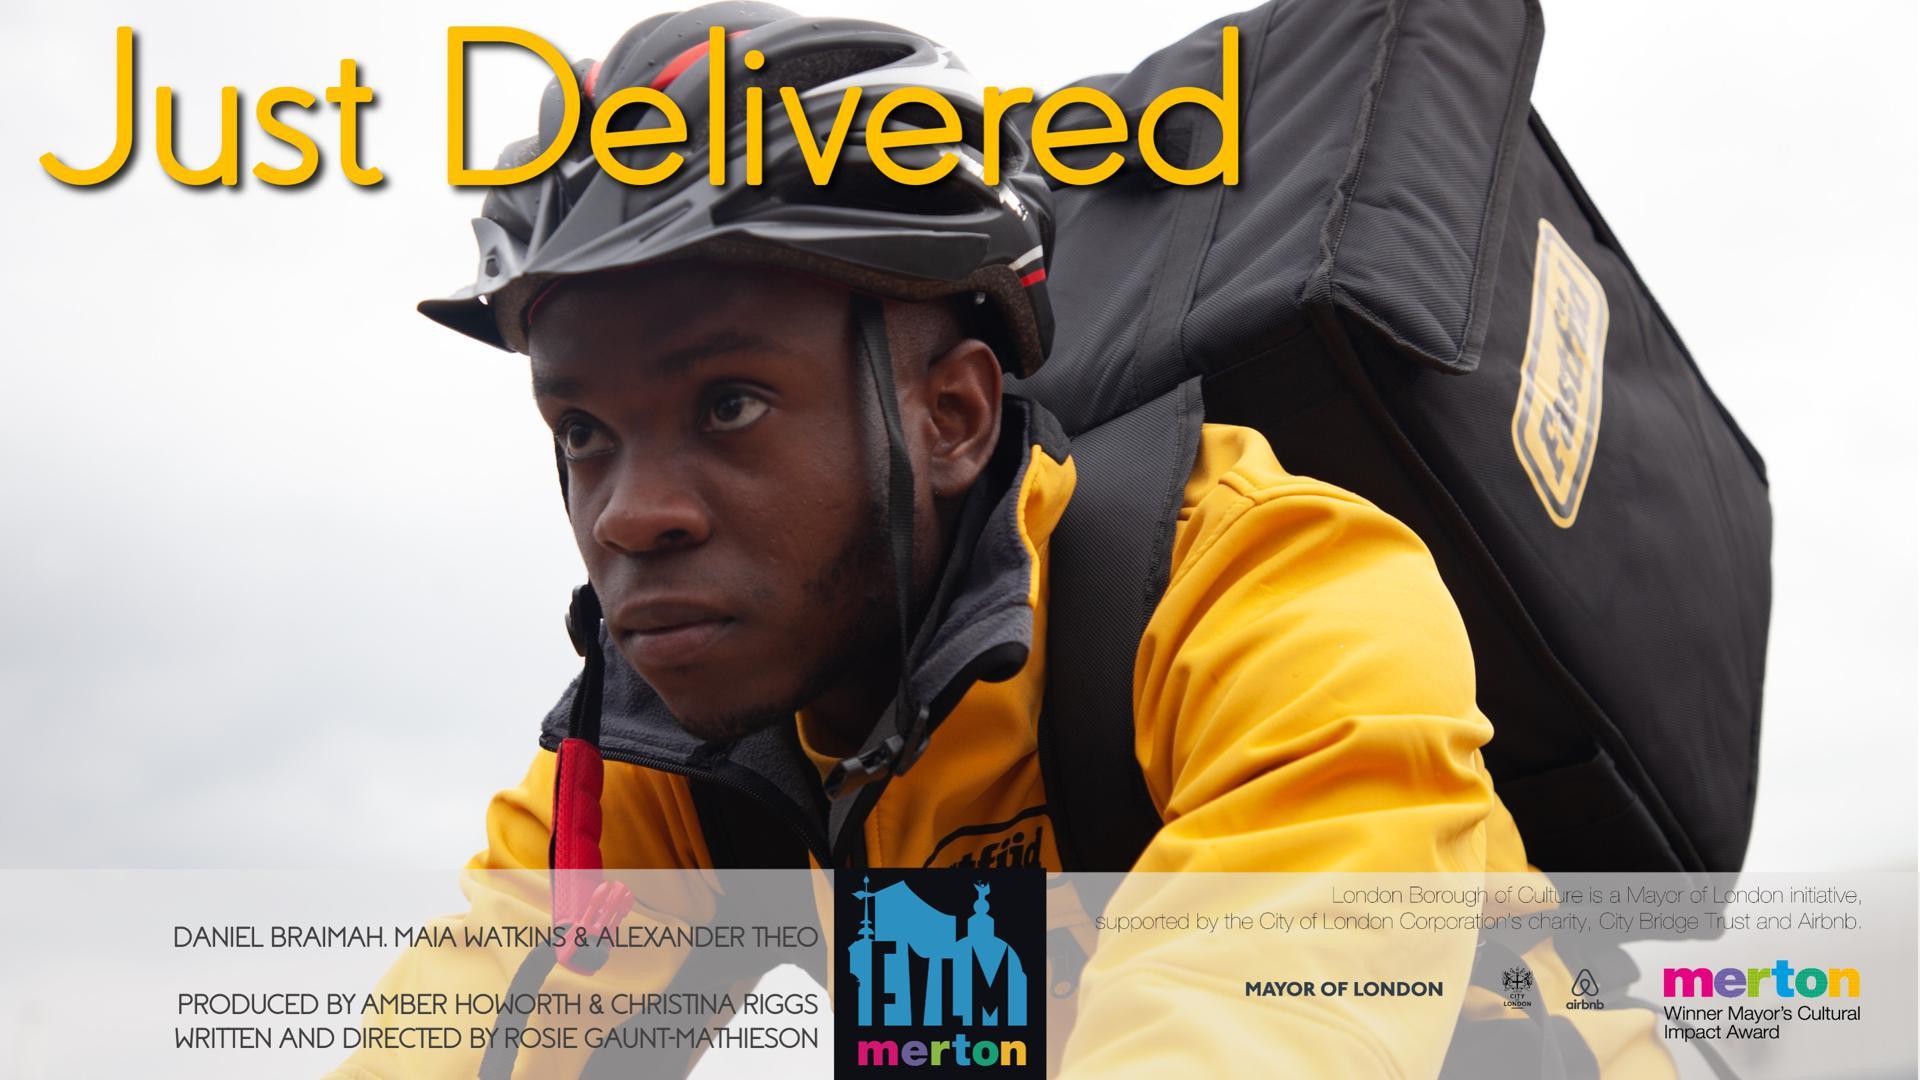 Just Delivered